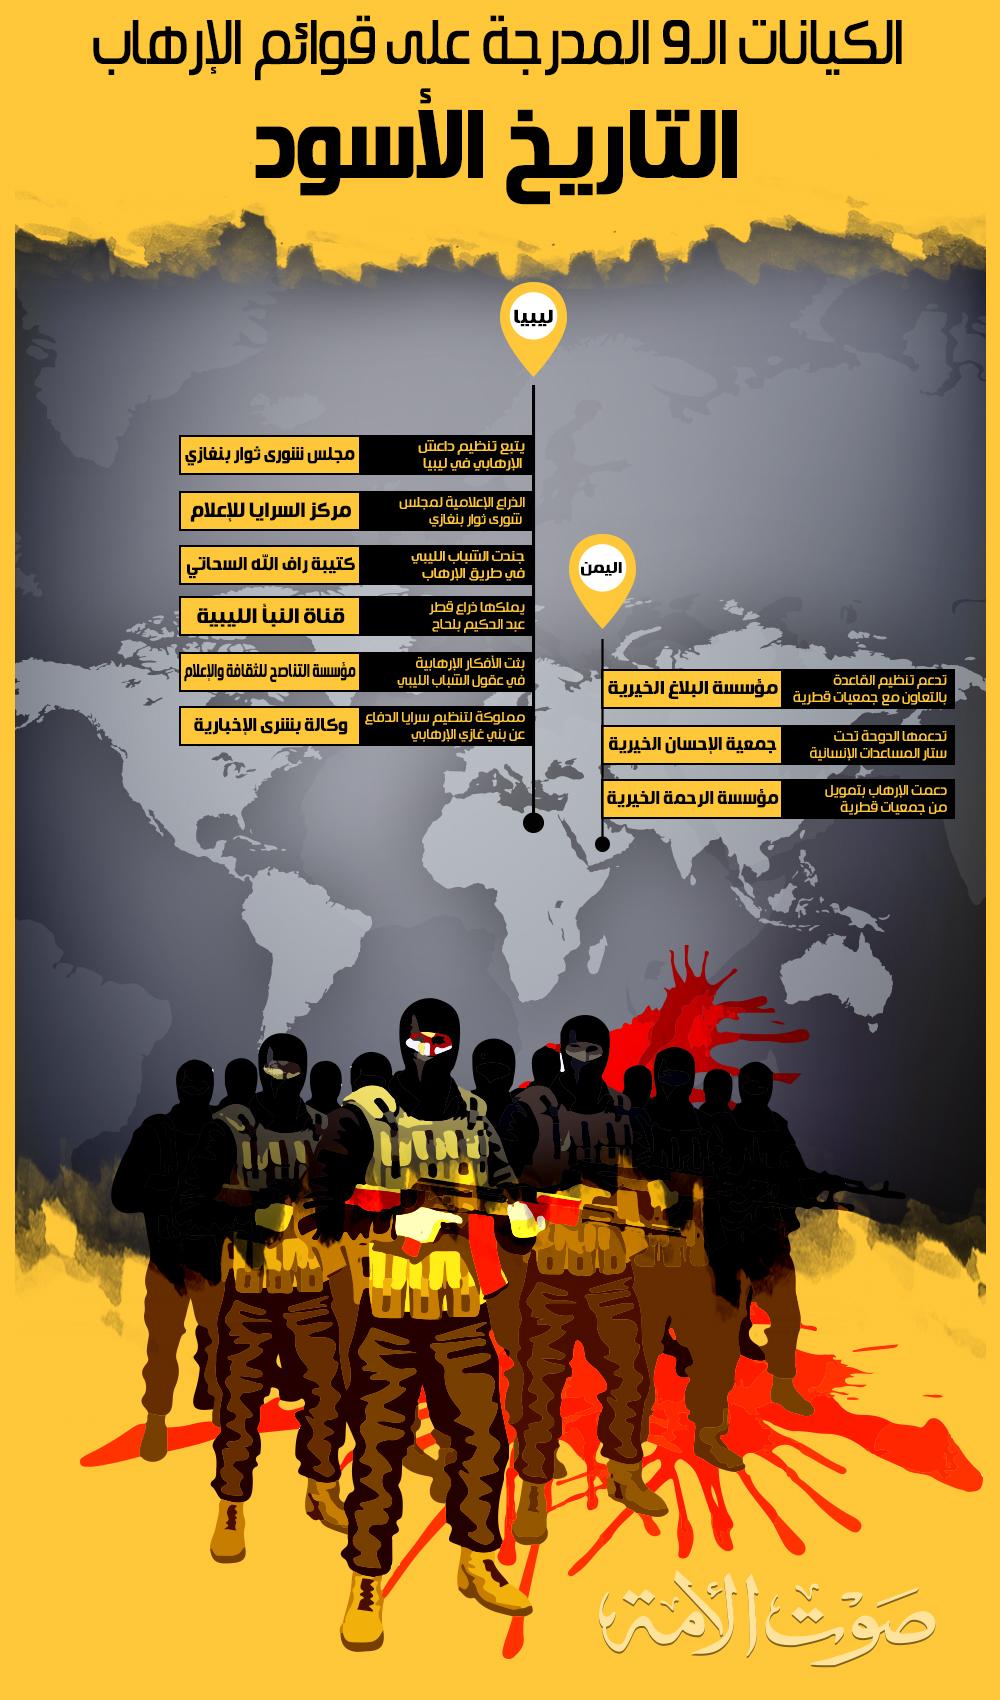 1345738-الكيانات-الـ9-المدرجة-على-قوائم-الإرهاب